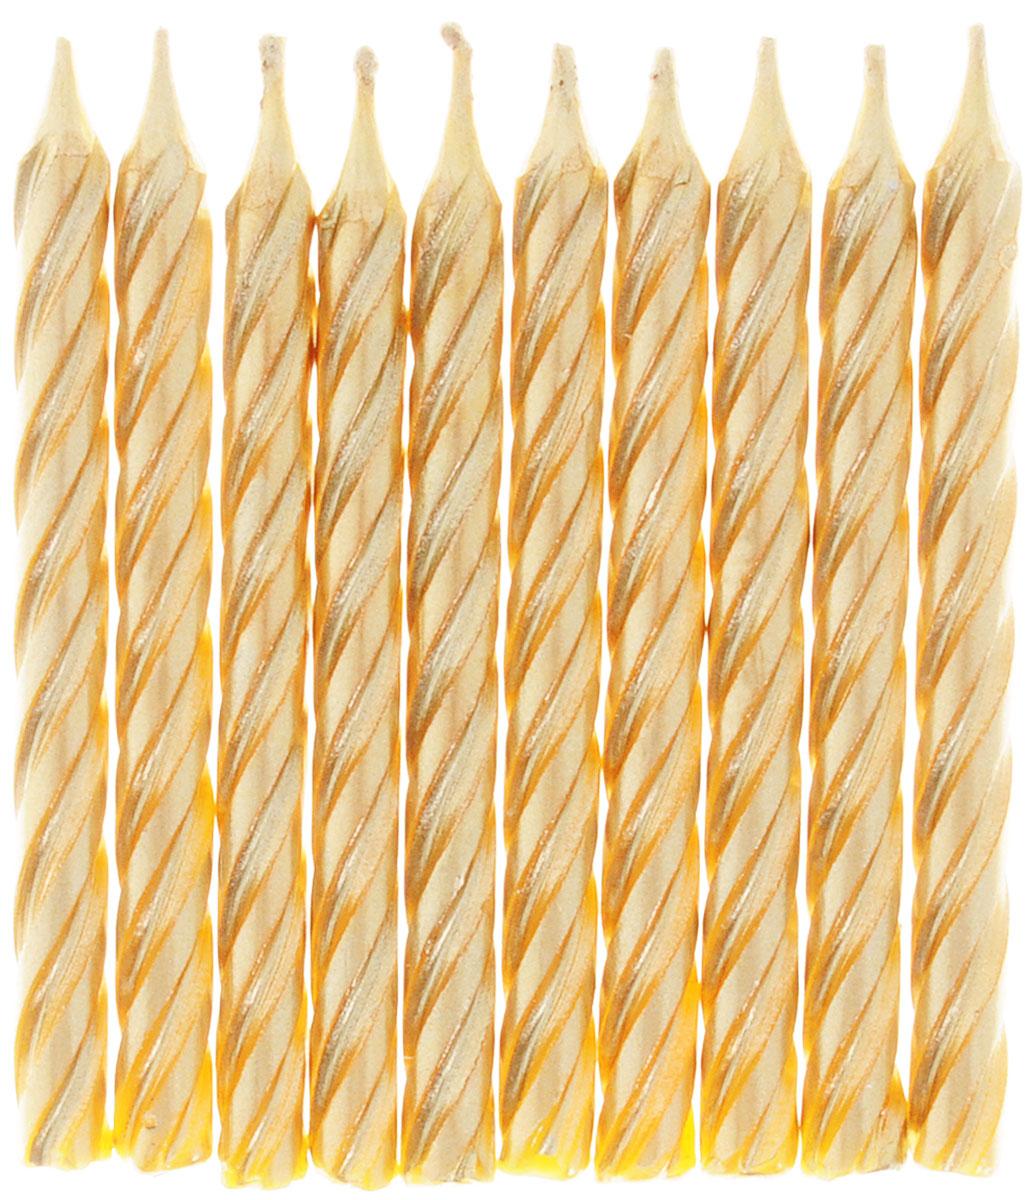 Action! Свечи для торта Золотые 10 шт купить в аптеках г днепропетровска бализ 10 свечи